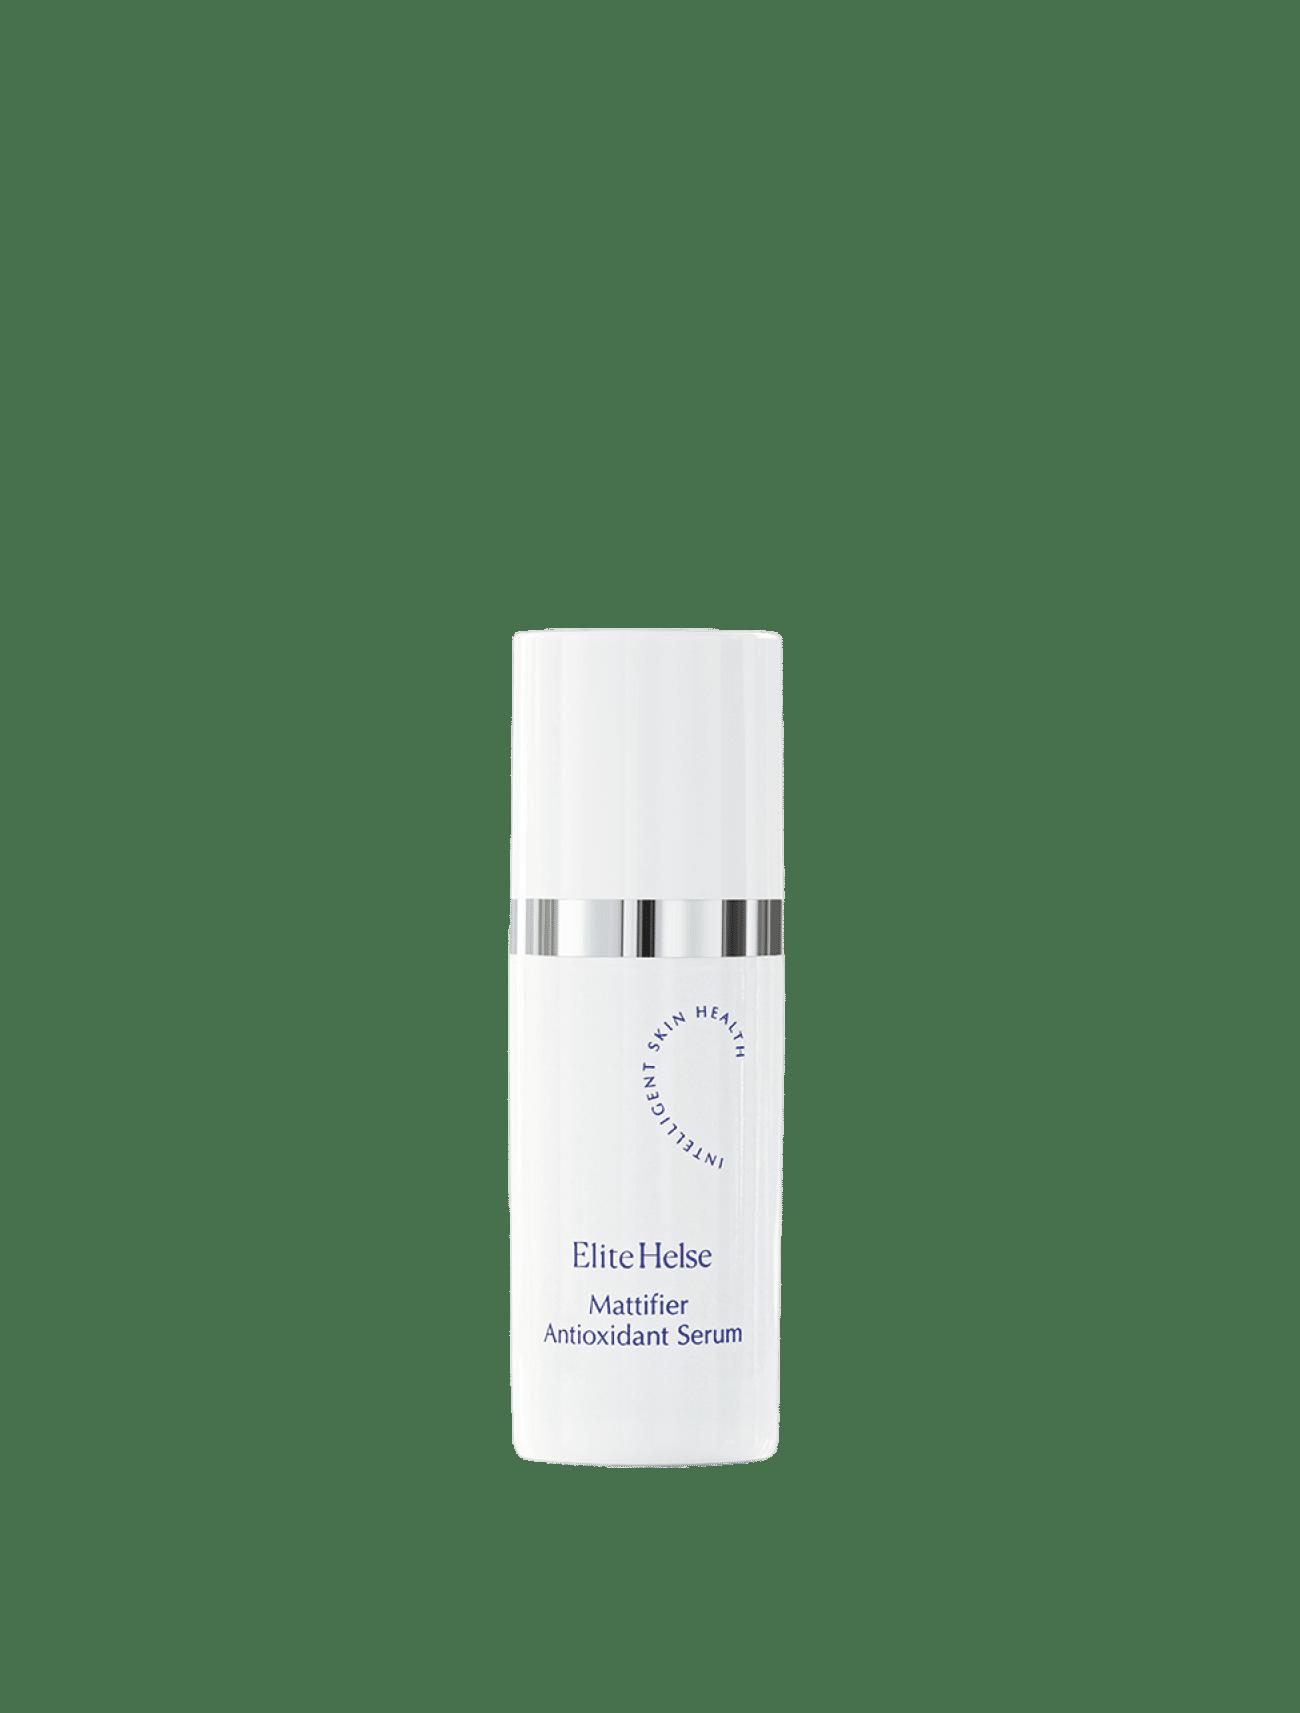 Matifier Antioxidant Serum